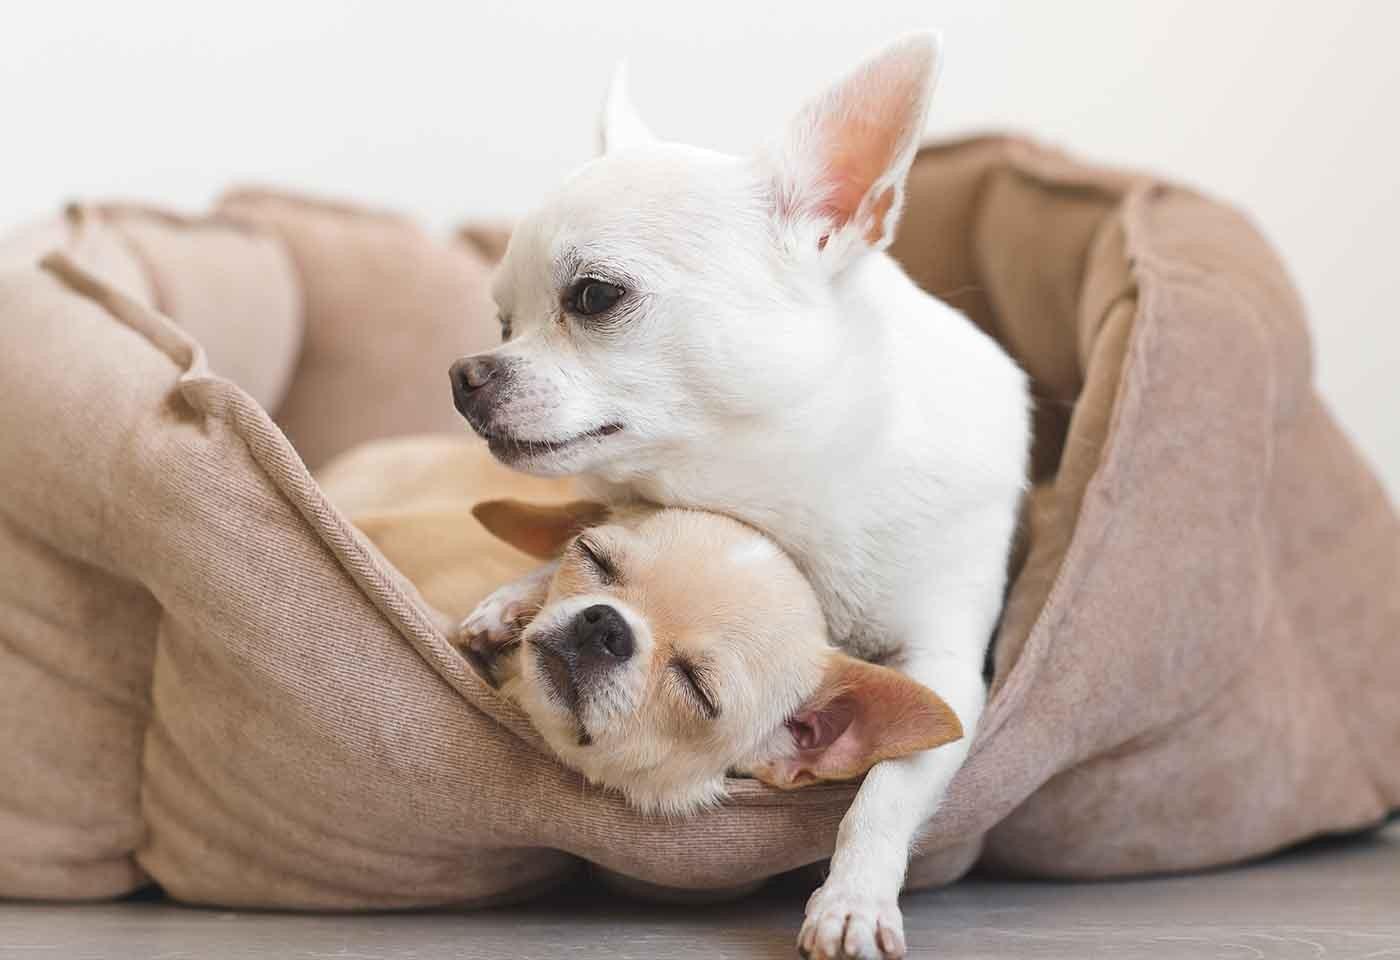 Cuccia Per Cani Fai Da Te L Arredo Per I Tuoi Amici A